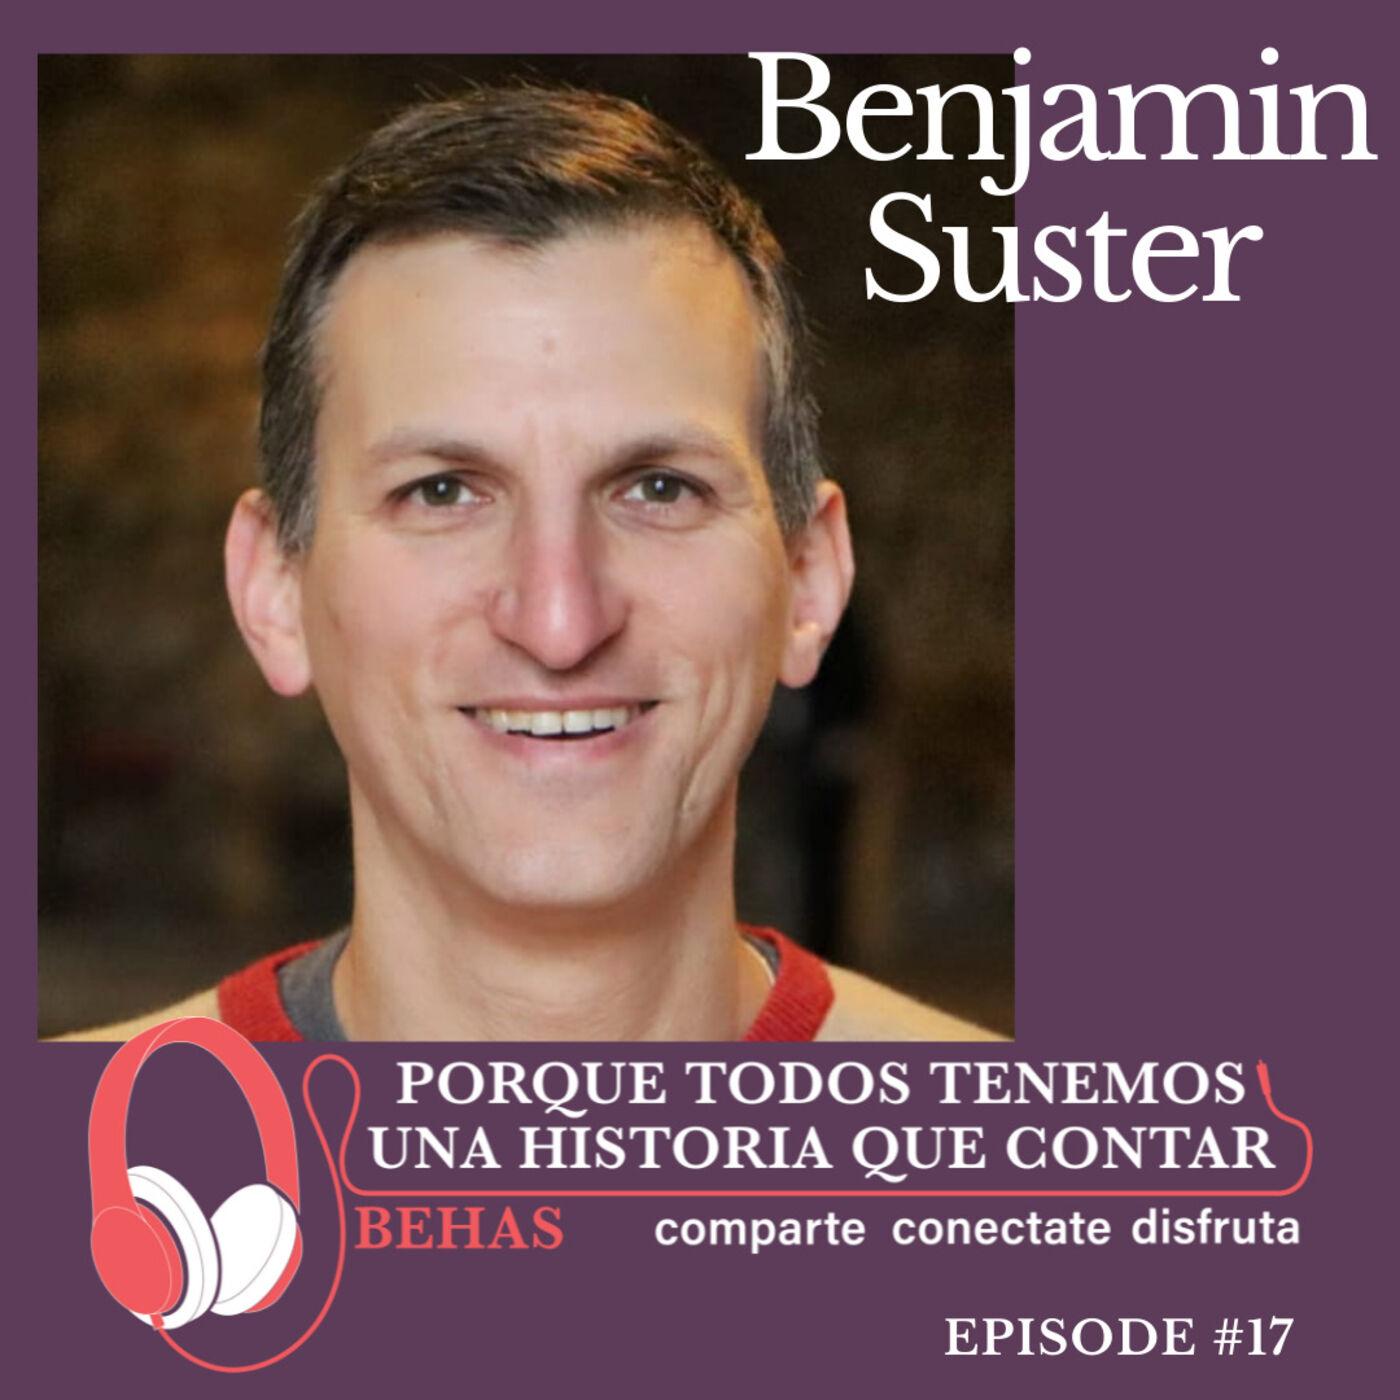 #17 - Nuestro Insolito UK - Benjamin Suster